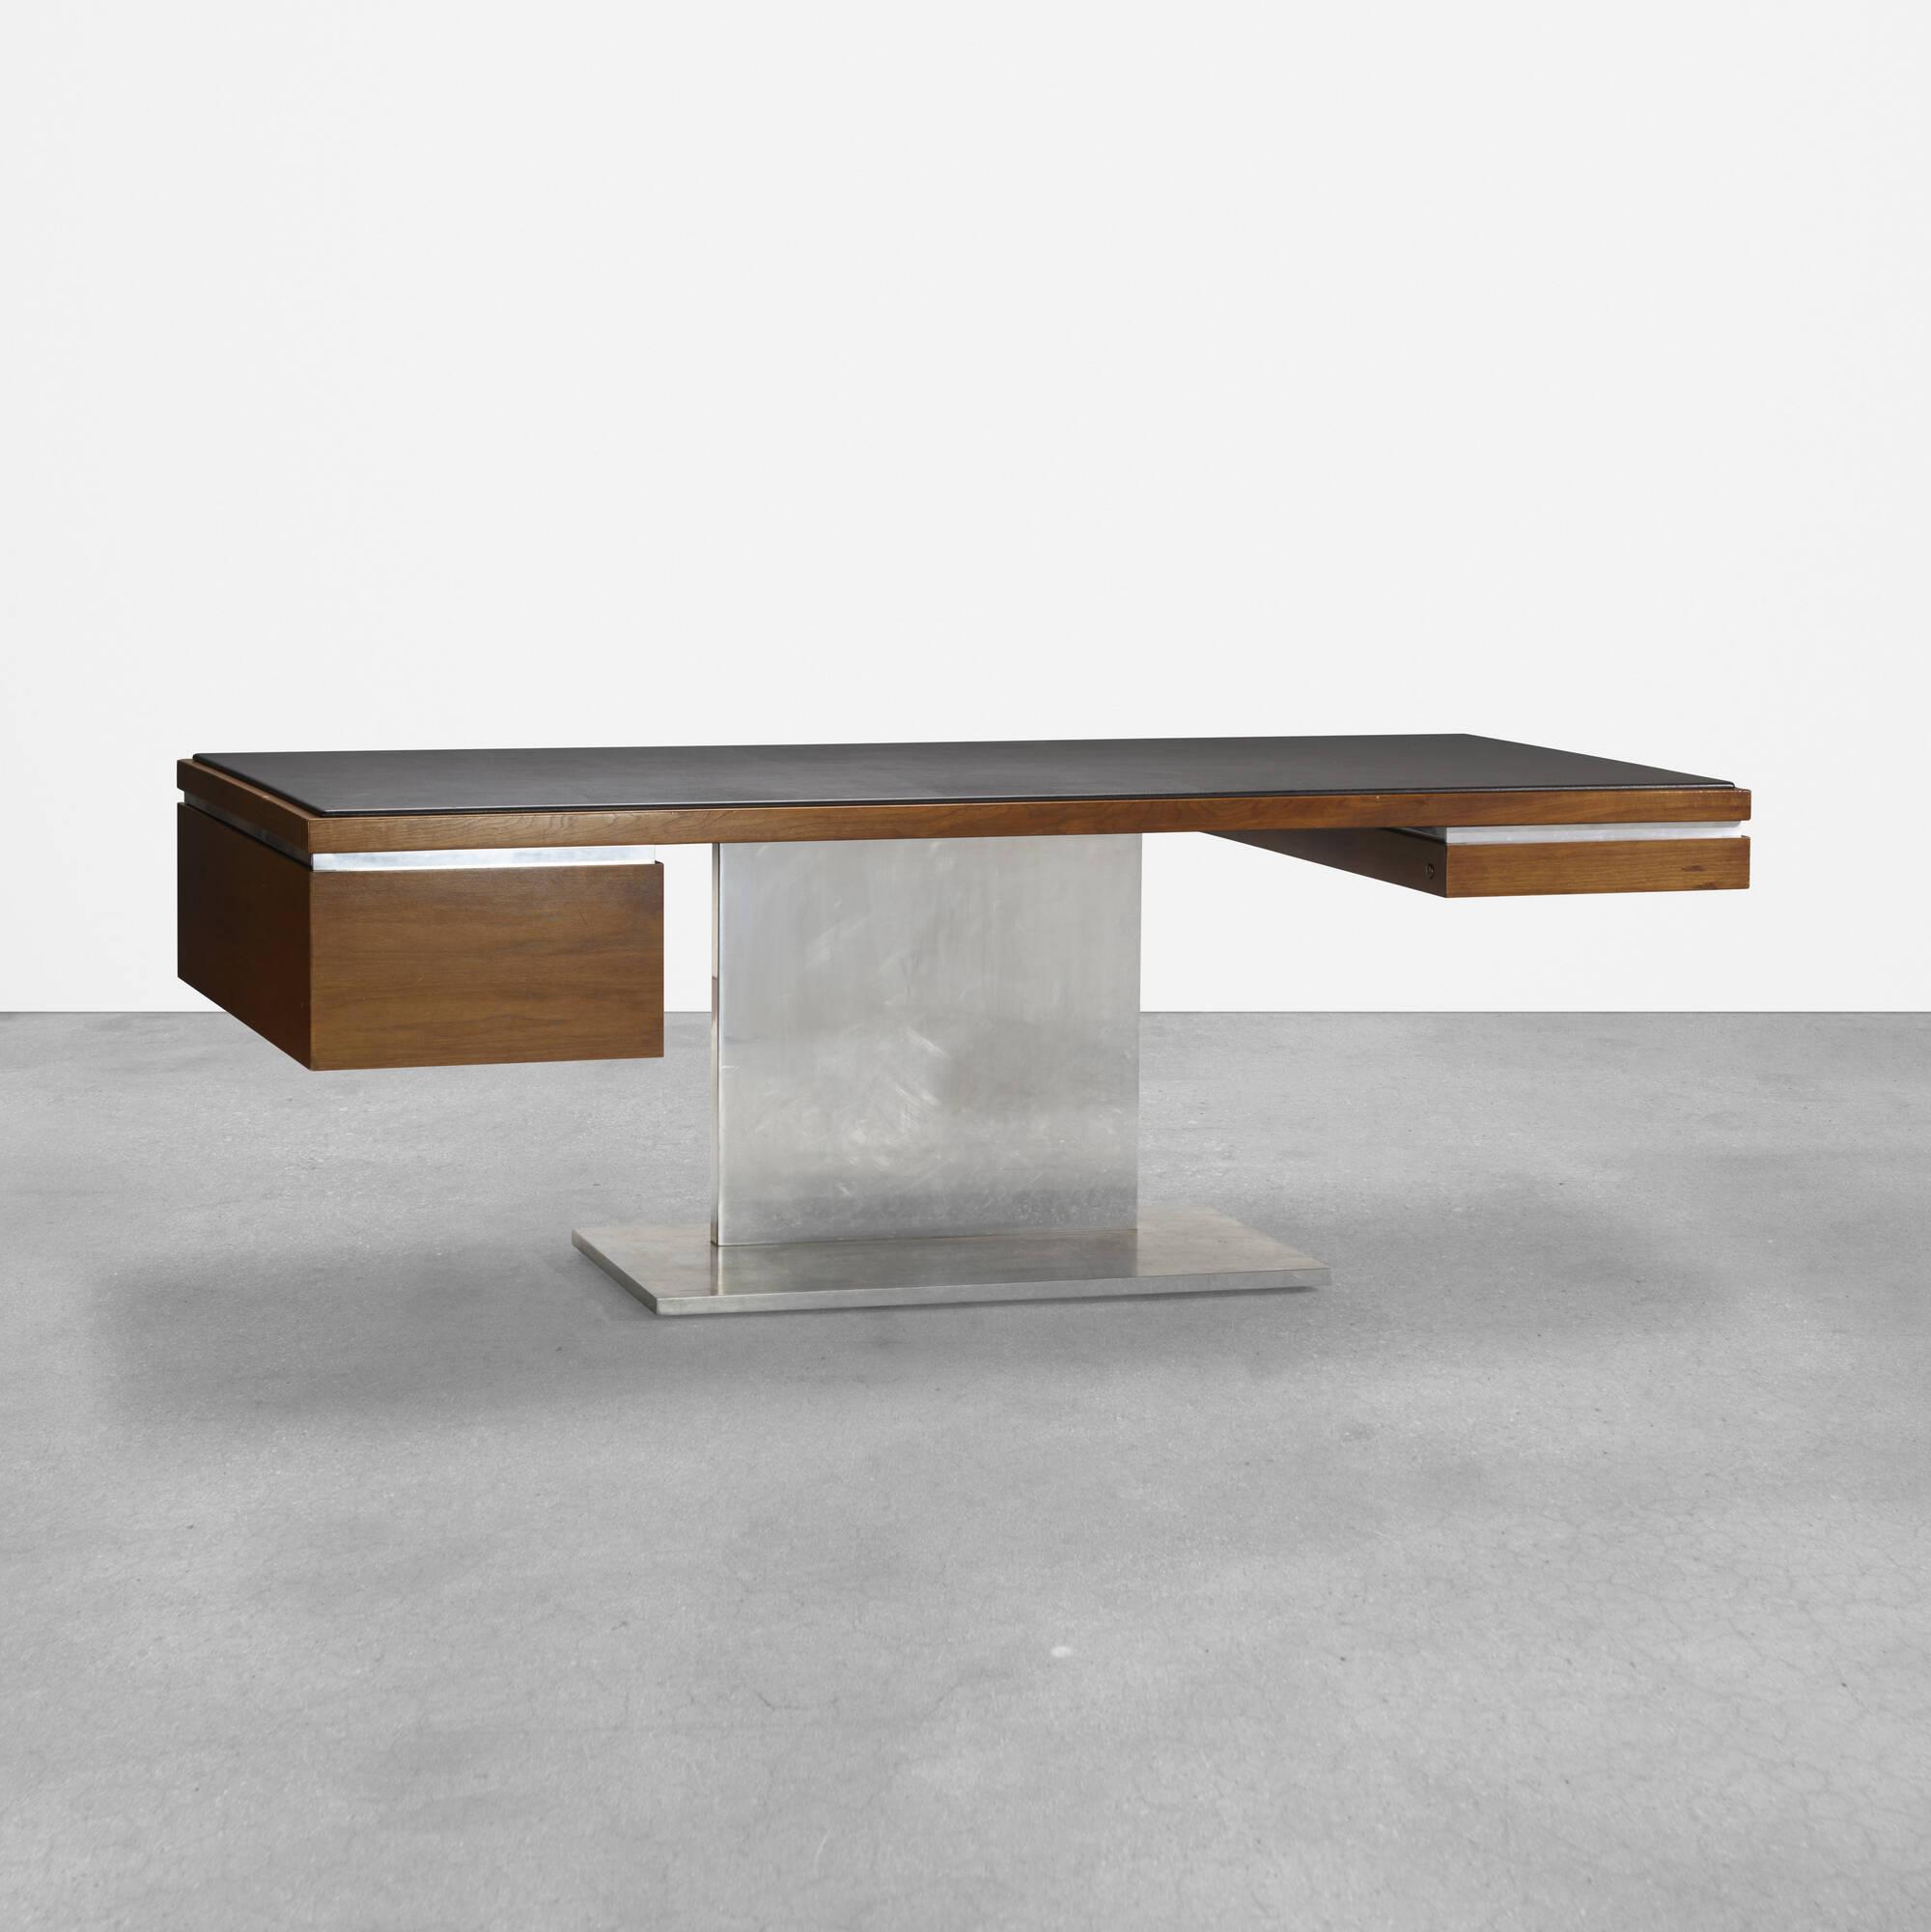 313: Warren Platner / executive desk (1 of 2)